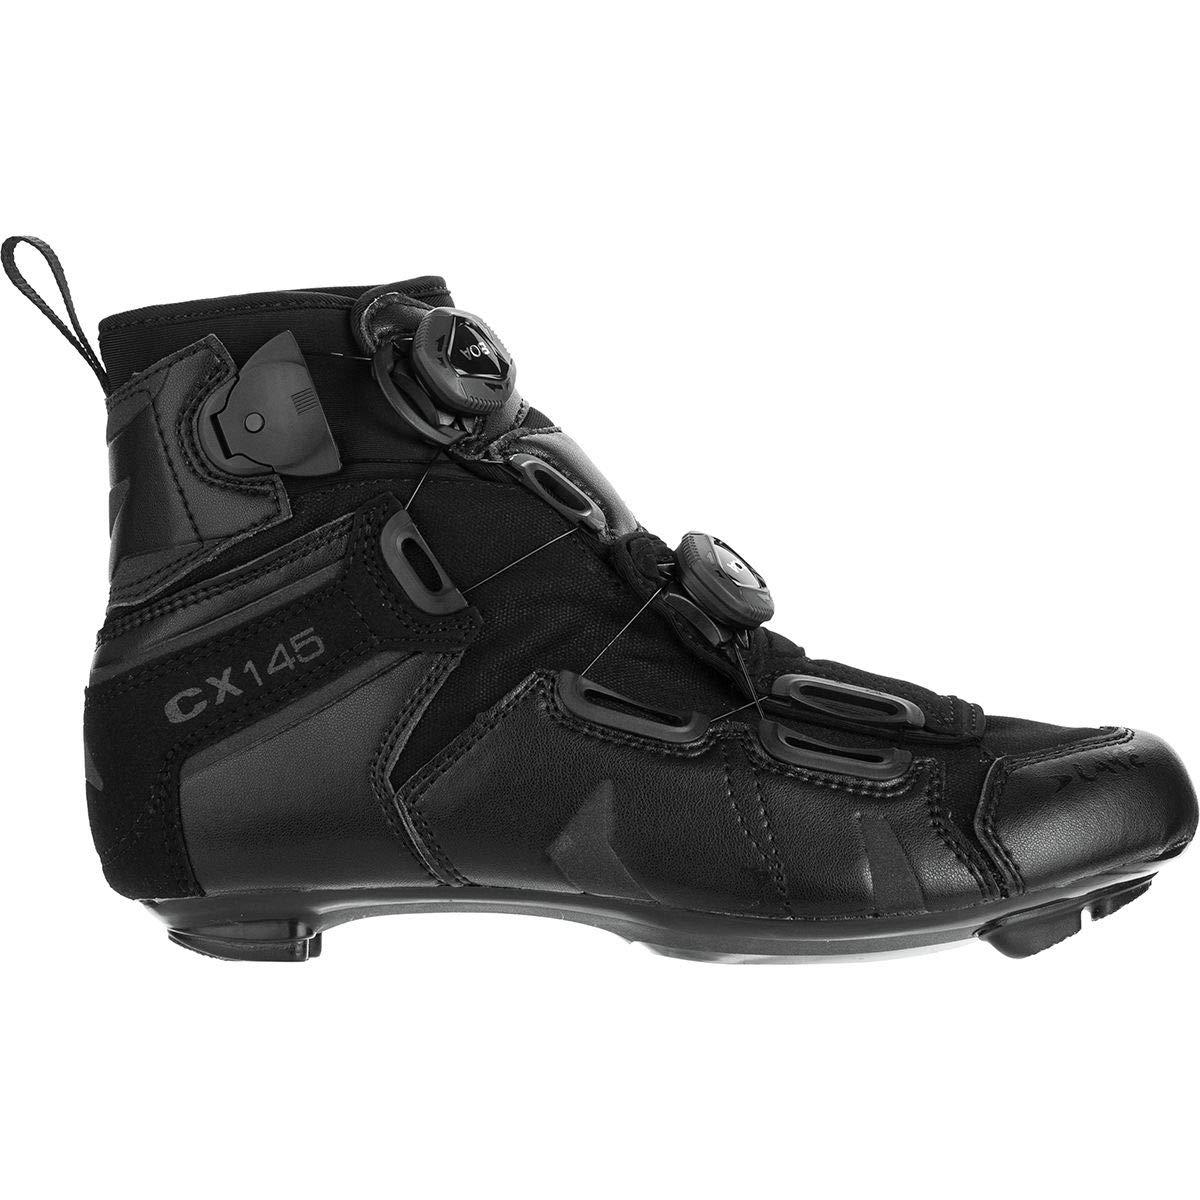 Lake CX145 サイクリングシューズ - メンズ ブラック 40.0   B077Z9LLHT